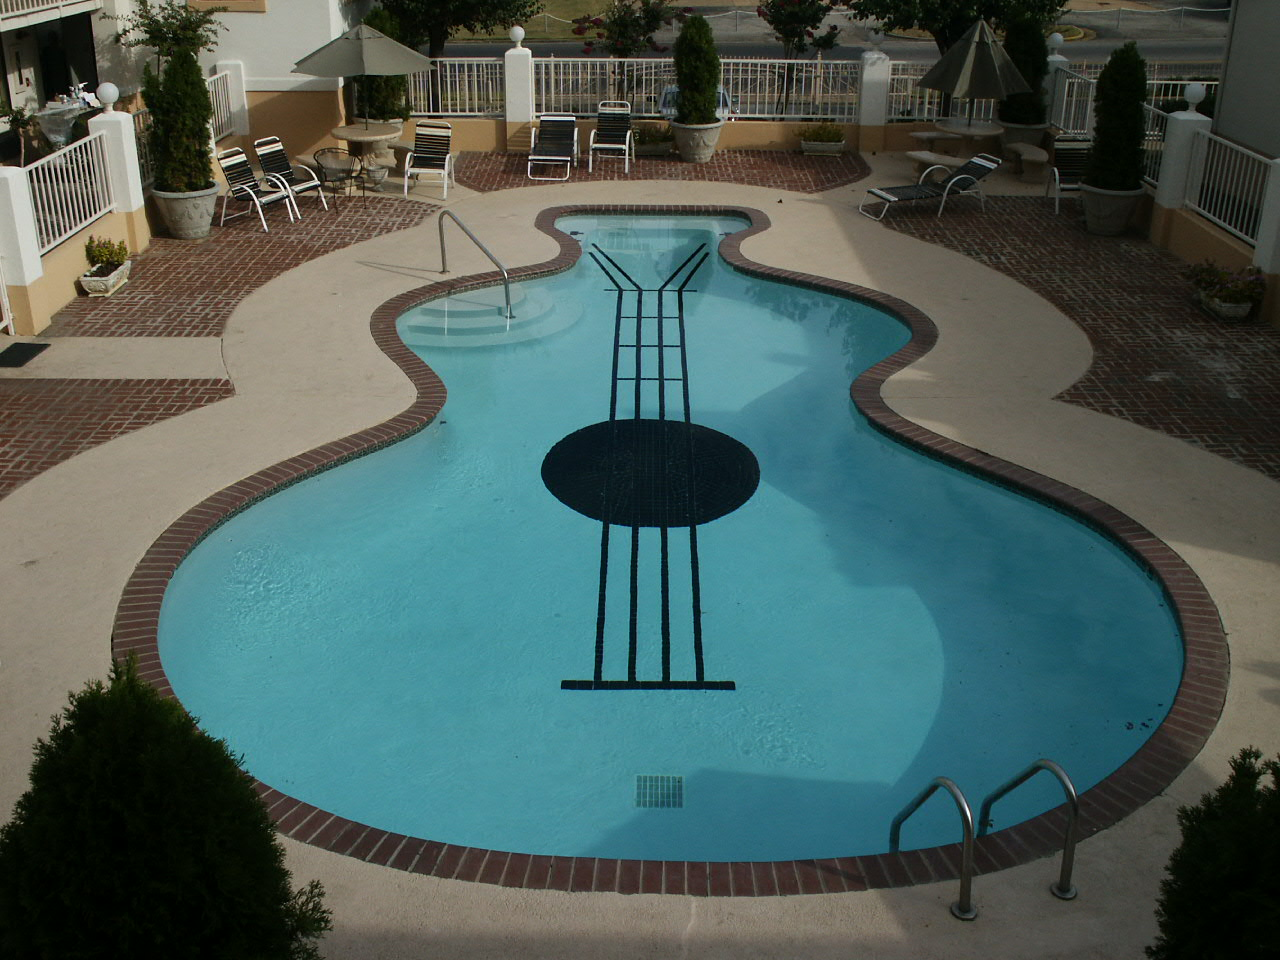 Decora o e ideias piscinas de ver o com formas incomuns - Formas de piscinas ...